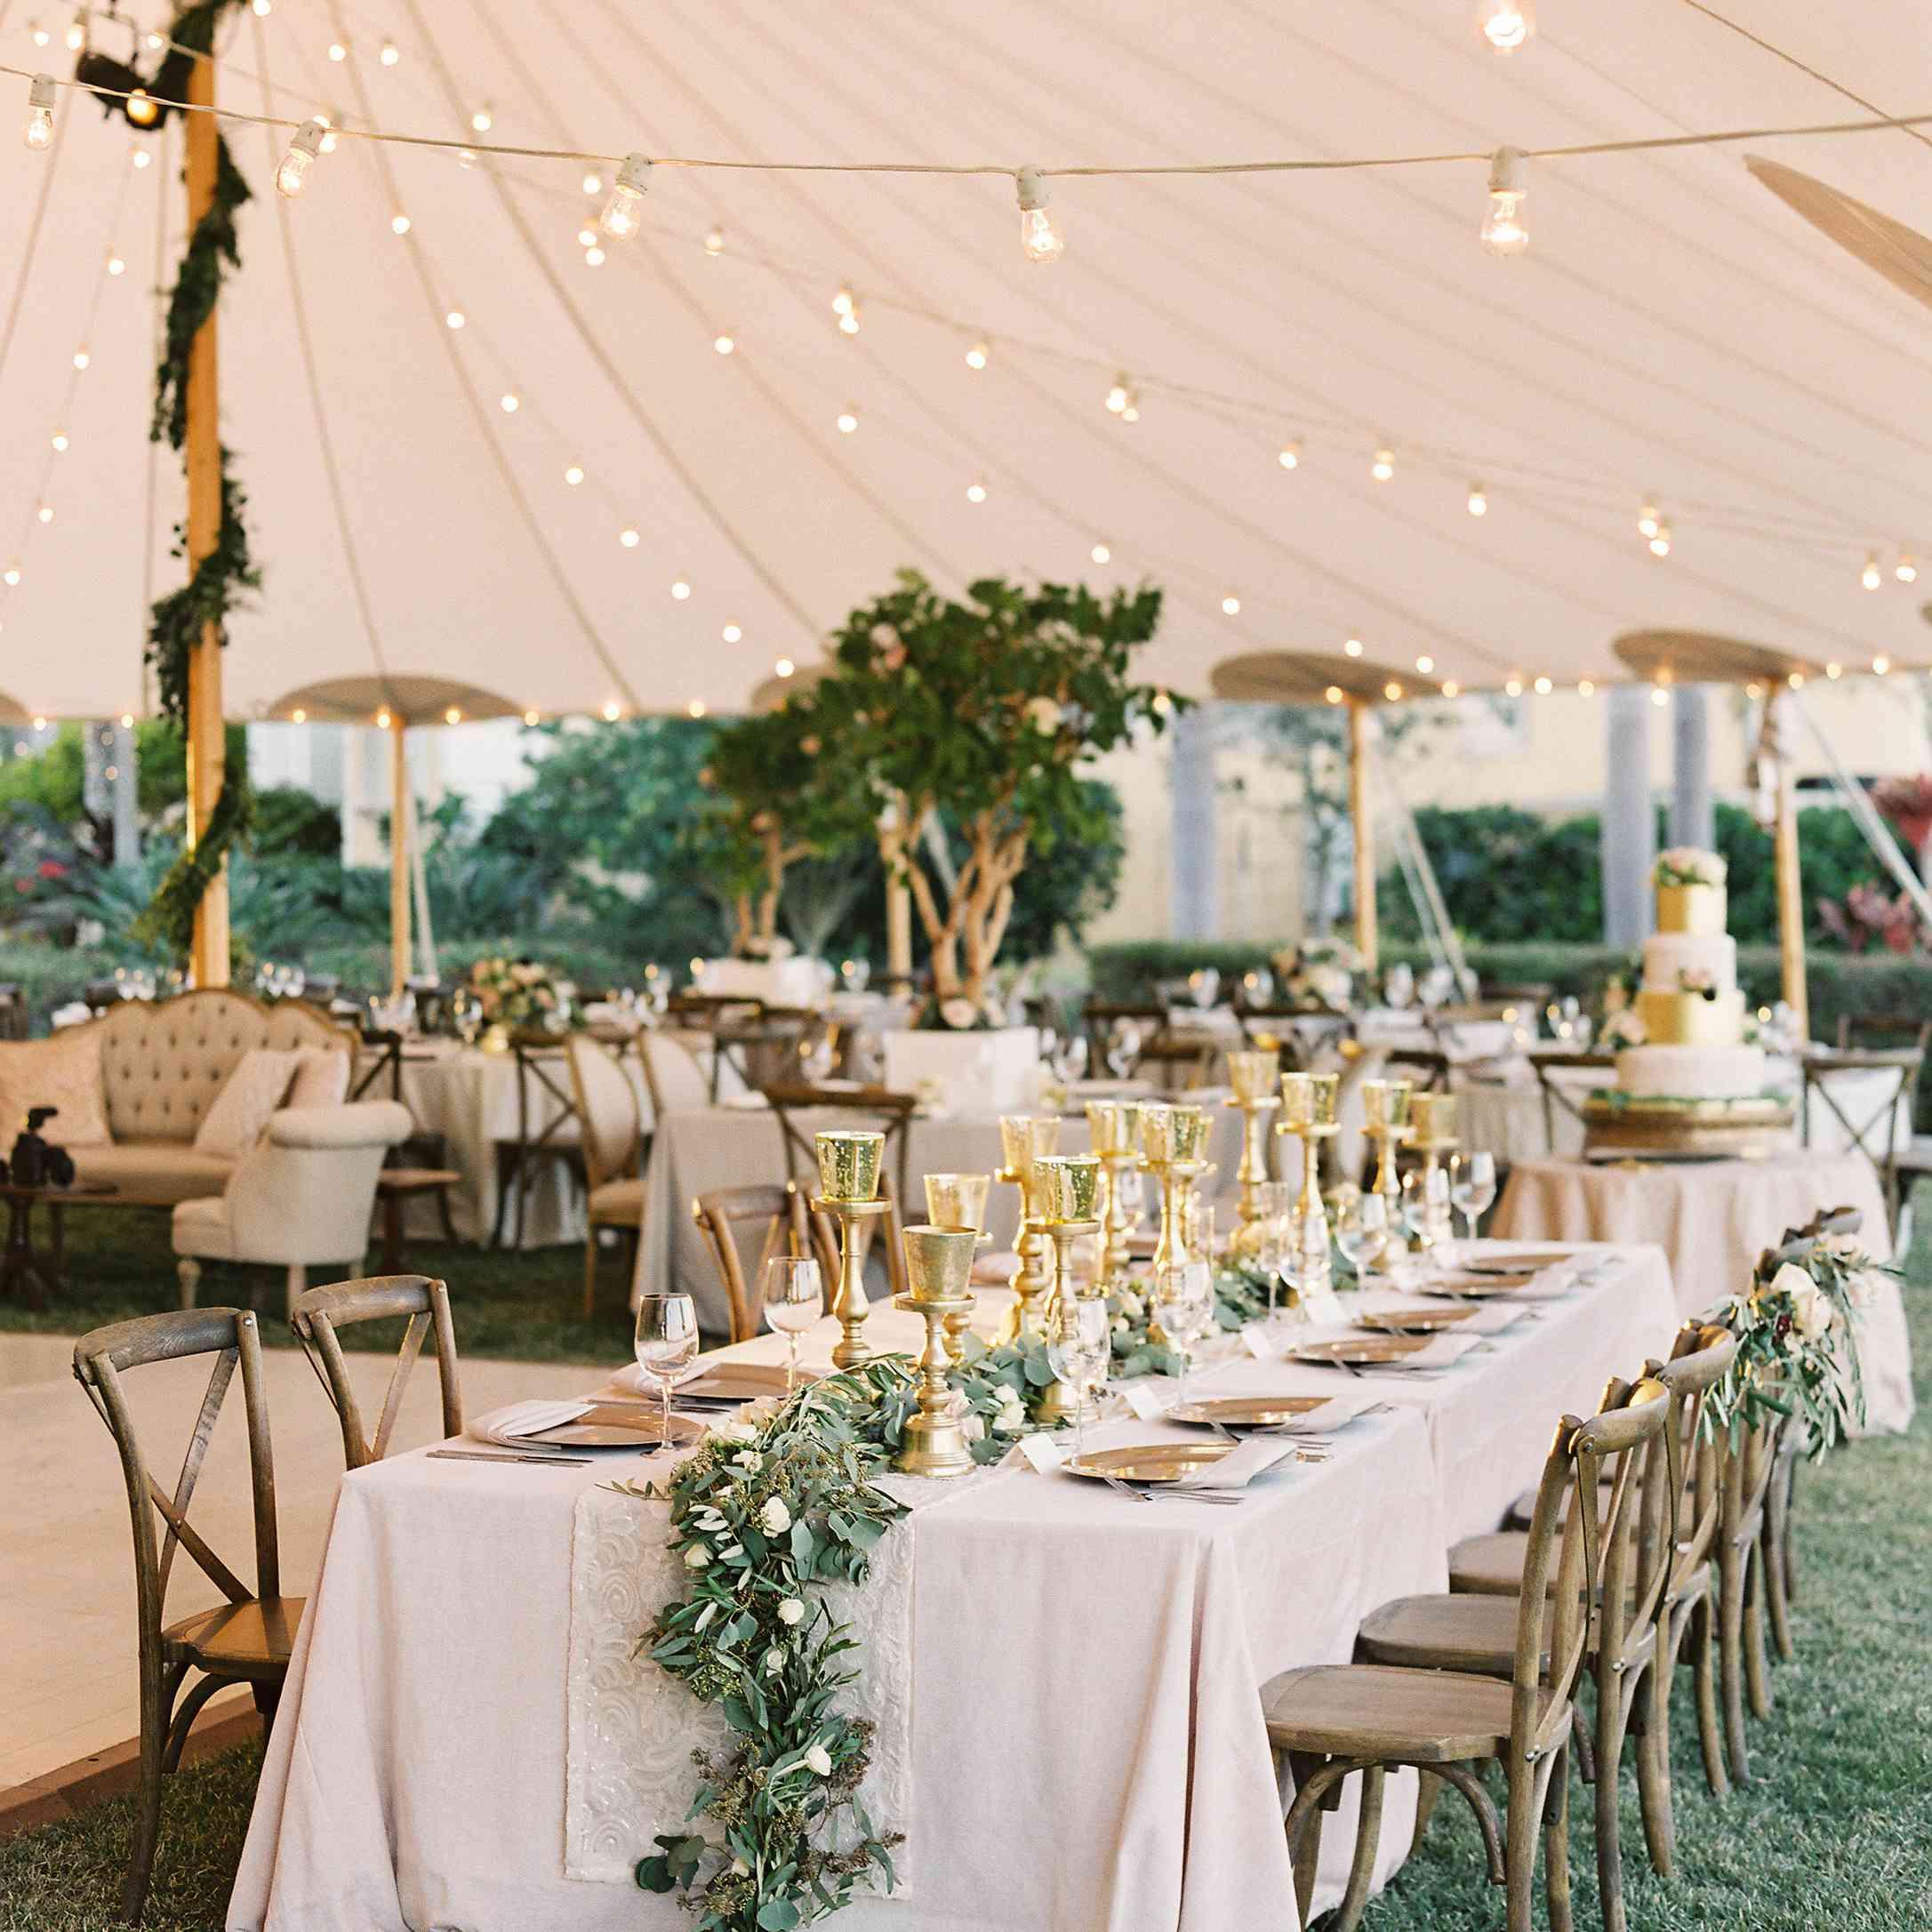 Wedding Table Ideas: 18 Fall Wedding Decor Ideas For Your Head Table